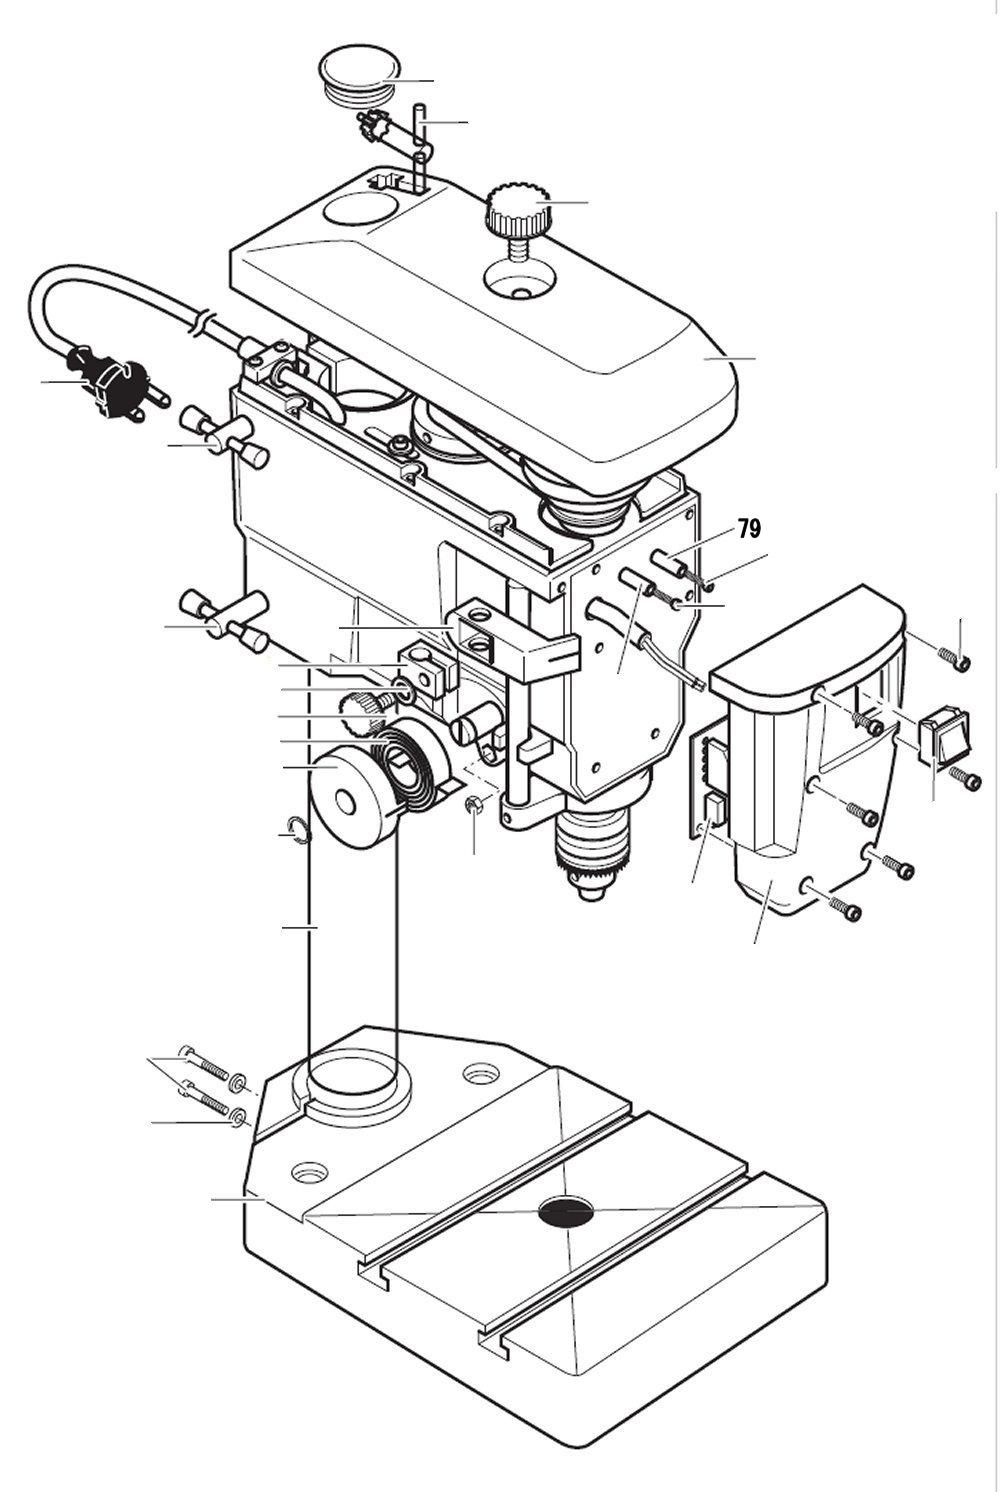 PROXXON 28124-79 Kunststoffdistanzhülse für Tischbohrmaschine TBH